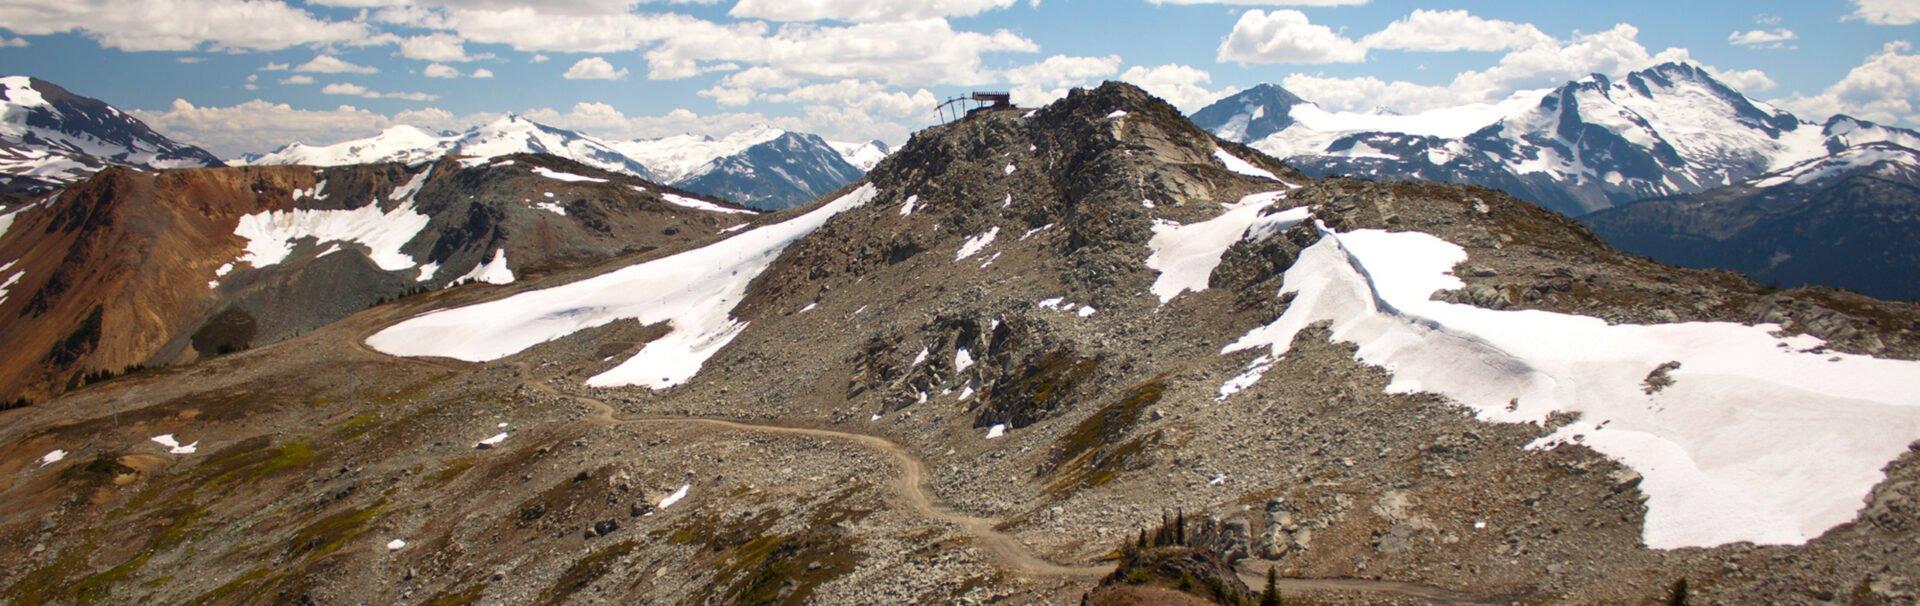 Whistler Hiking